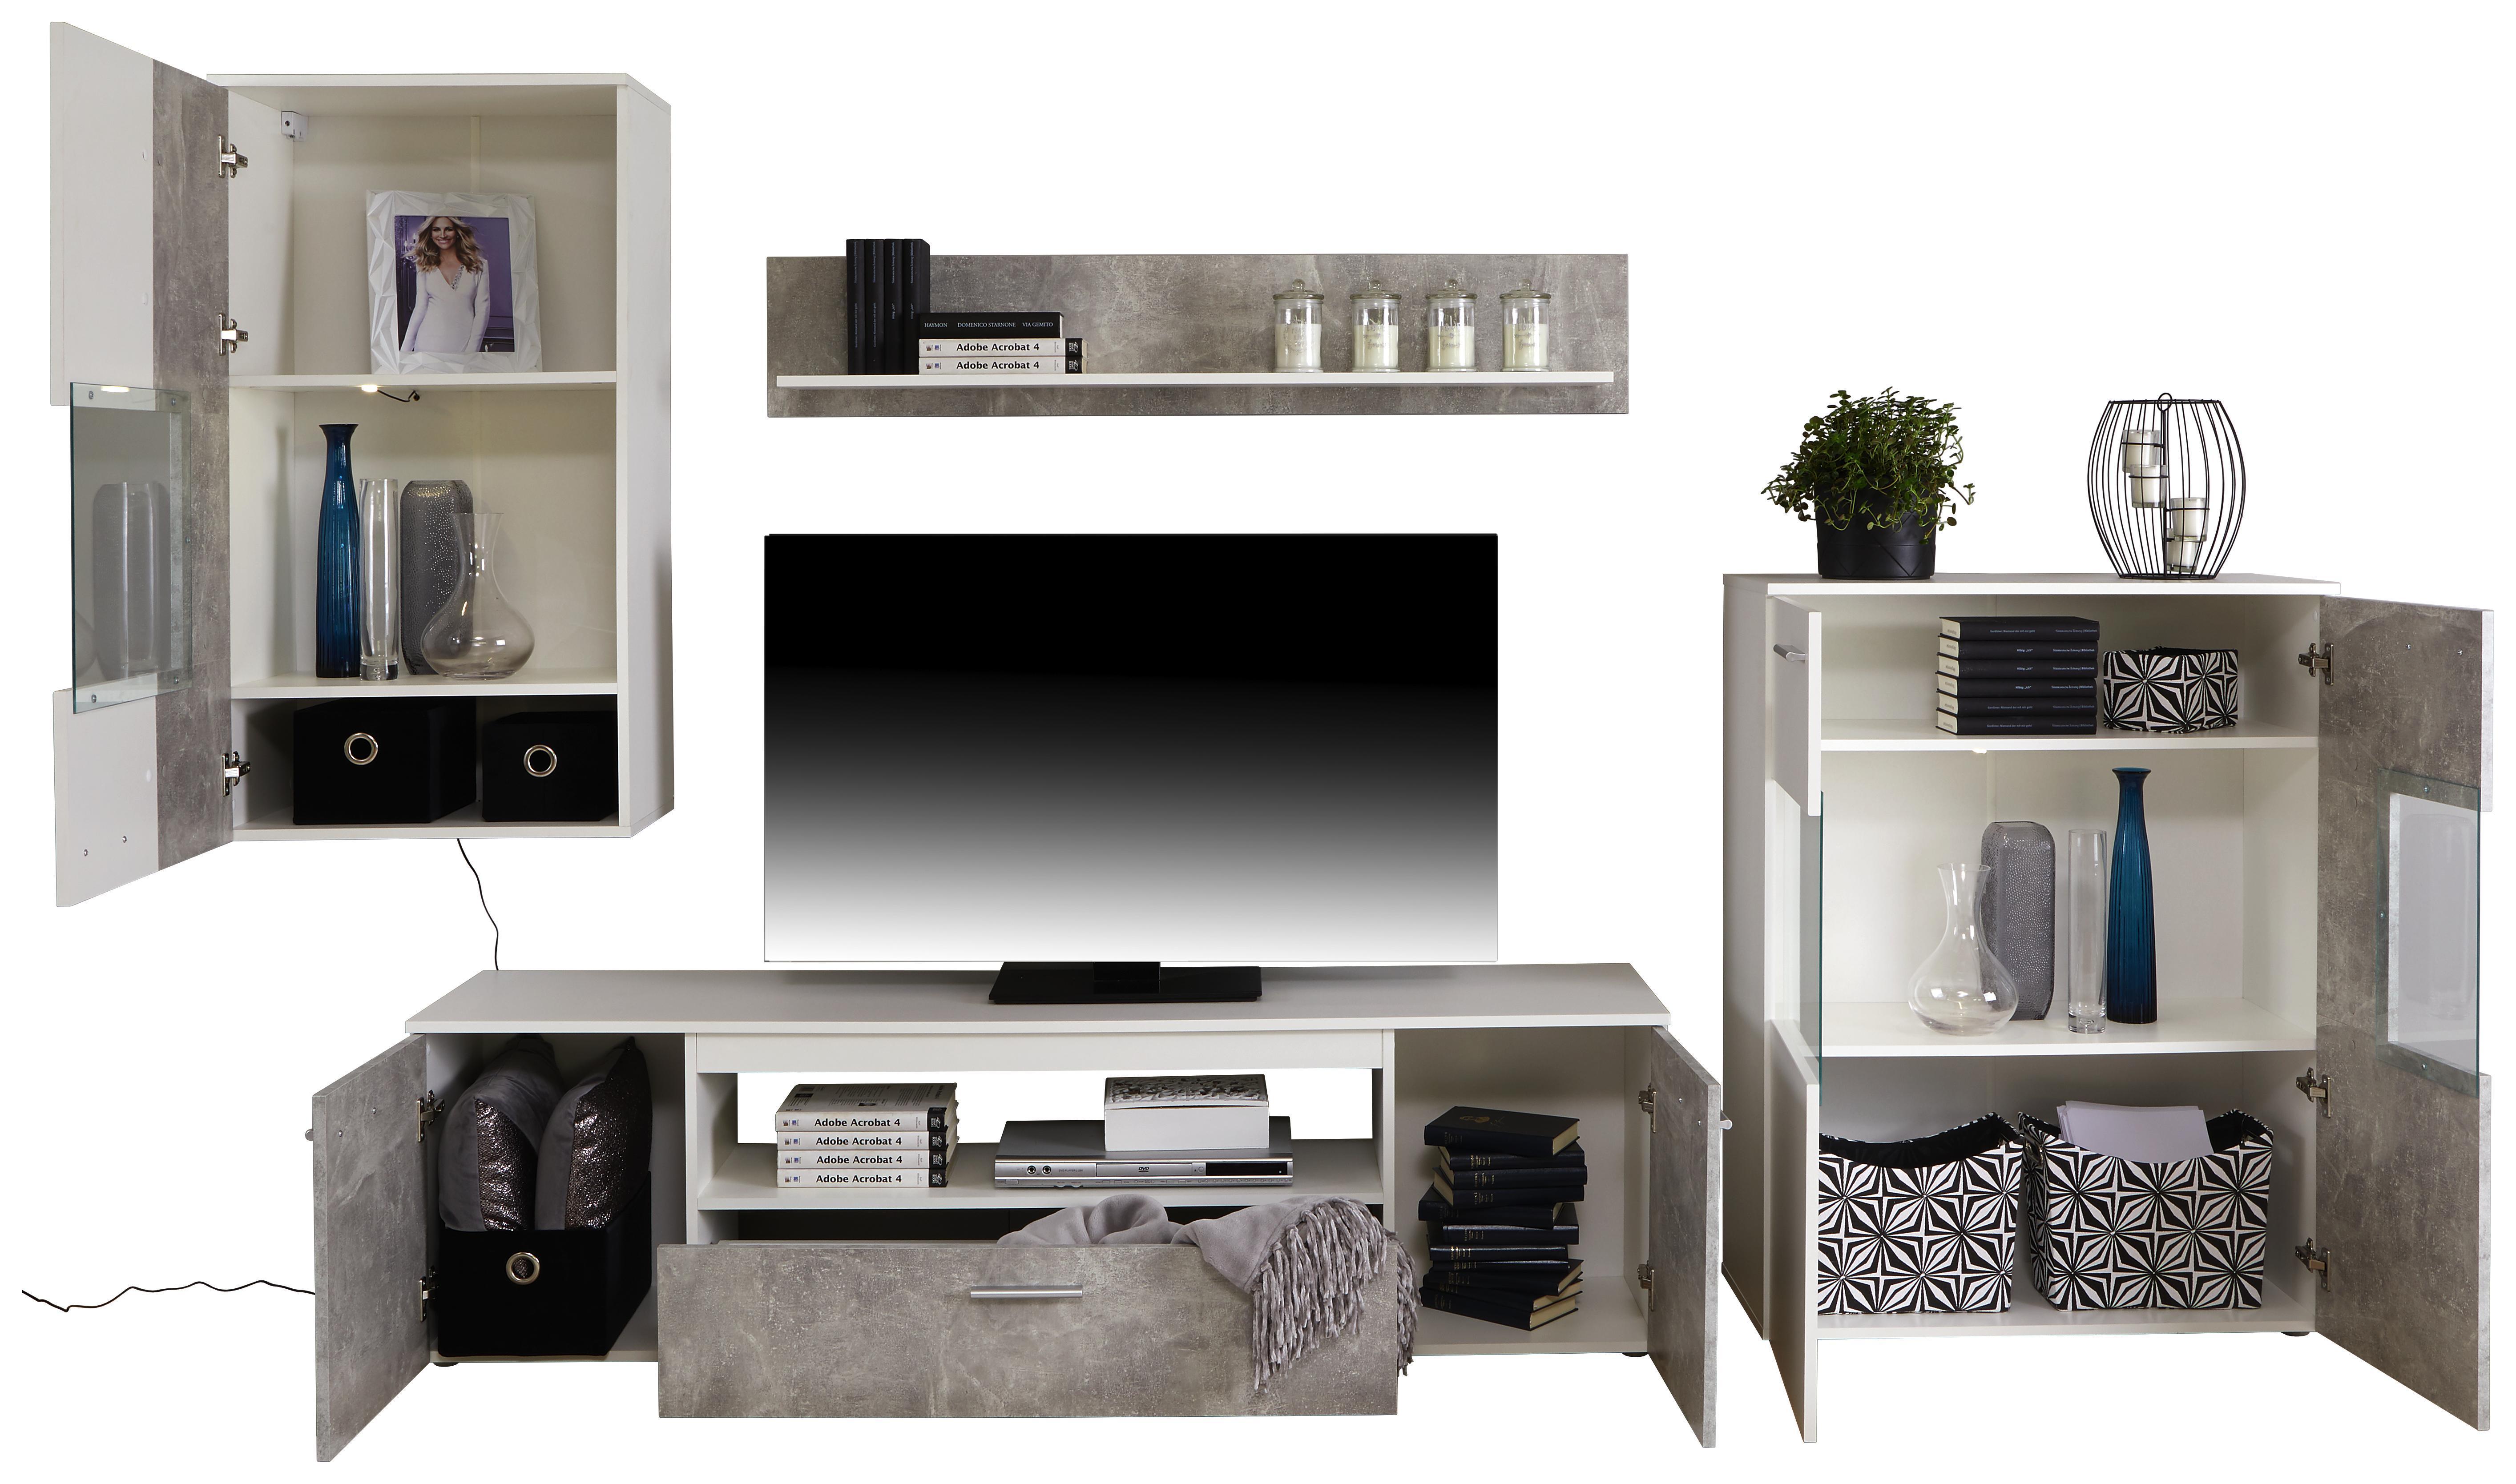 Eck TV Regal in 80992 München für € 35,00 zum Verkauf